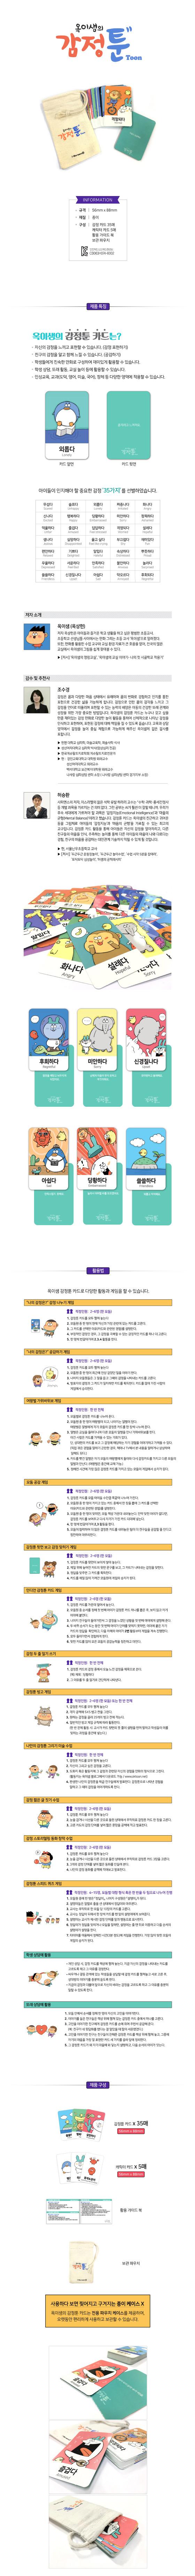 옥이샘의 감정툰 카드 (감정카드)